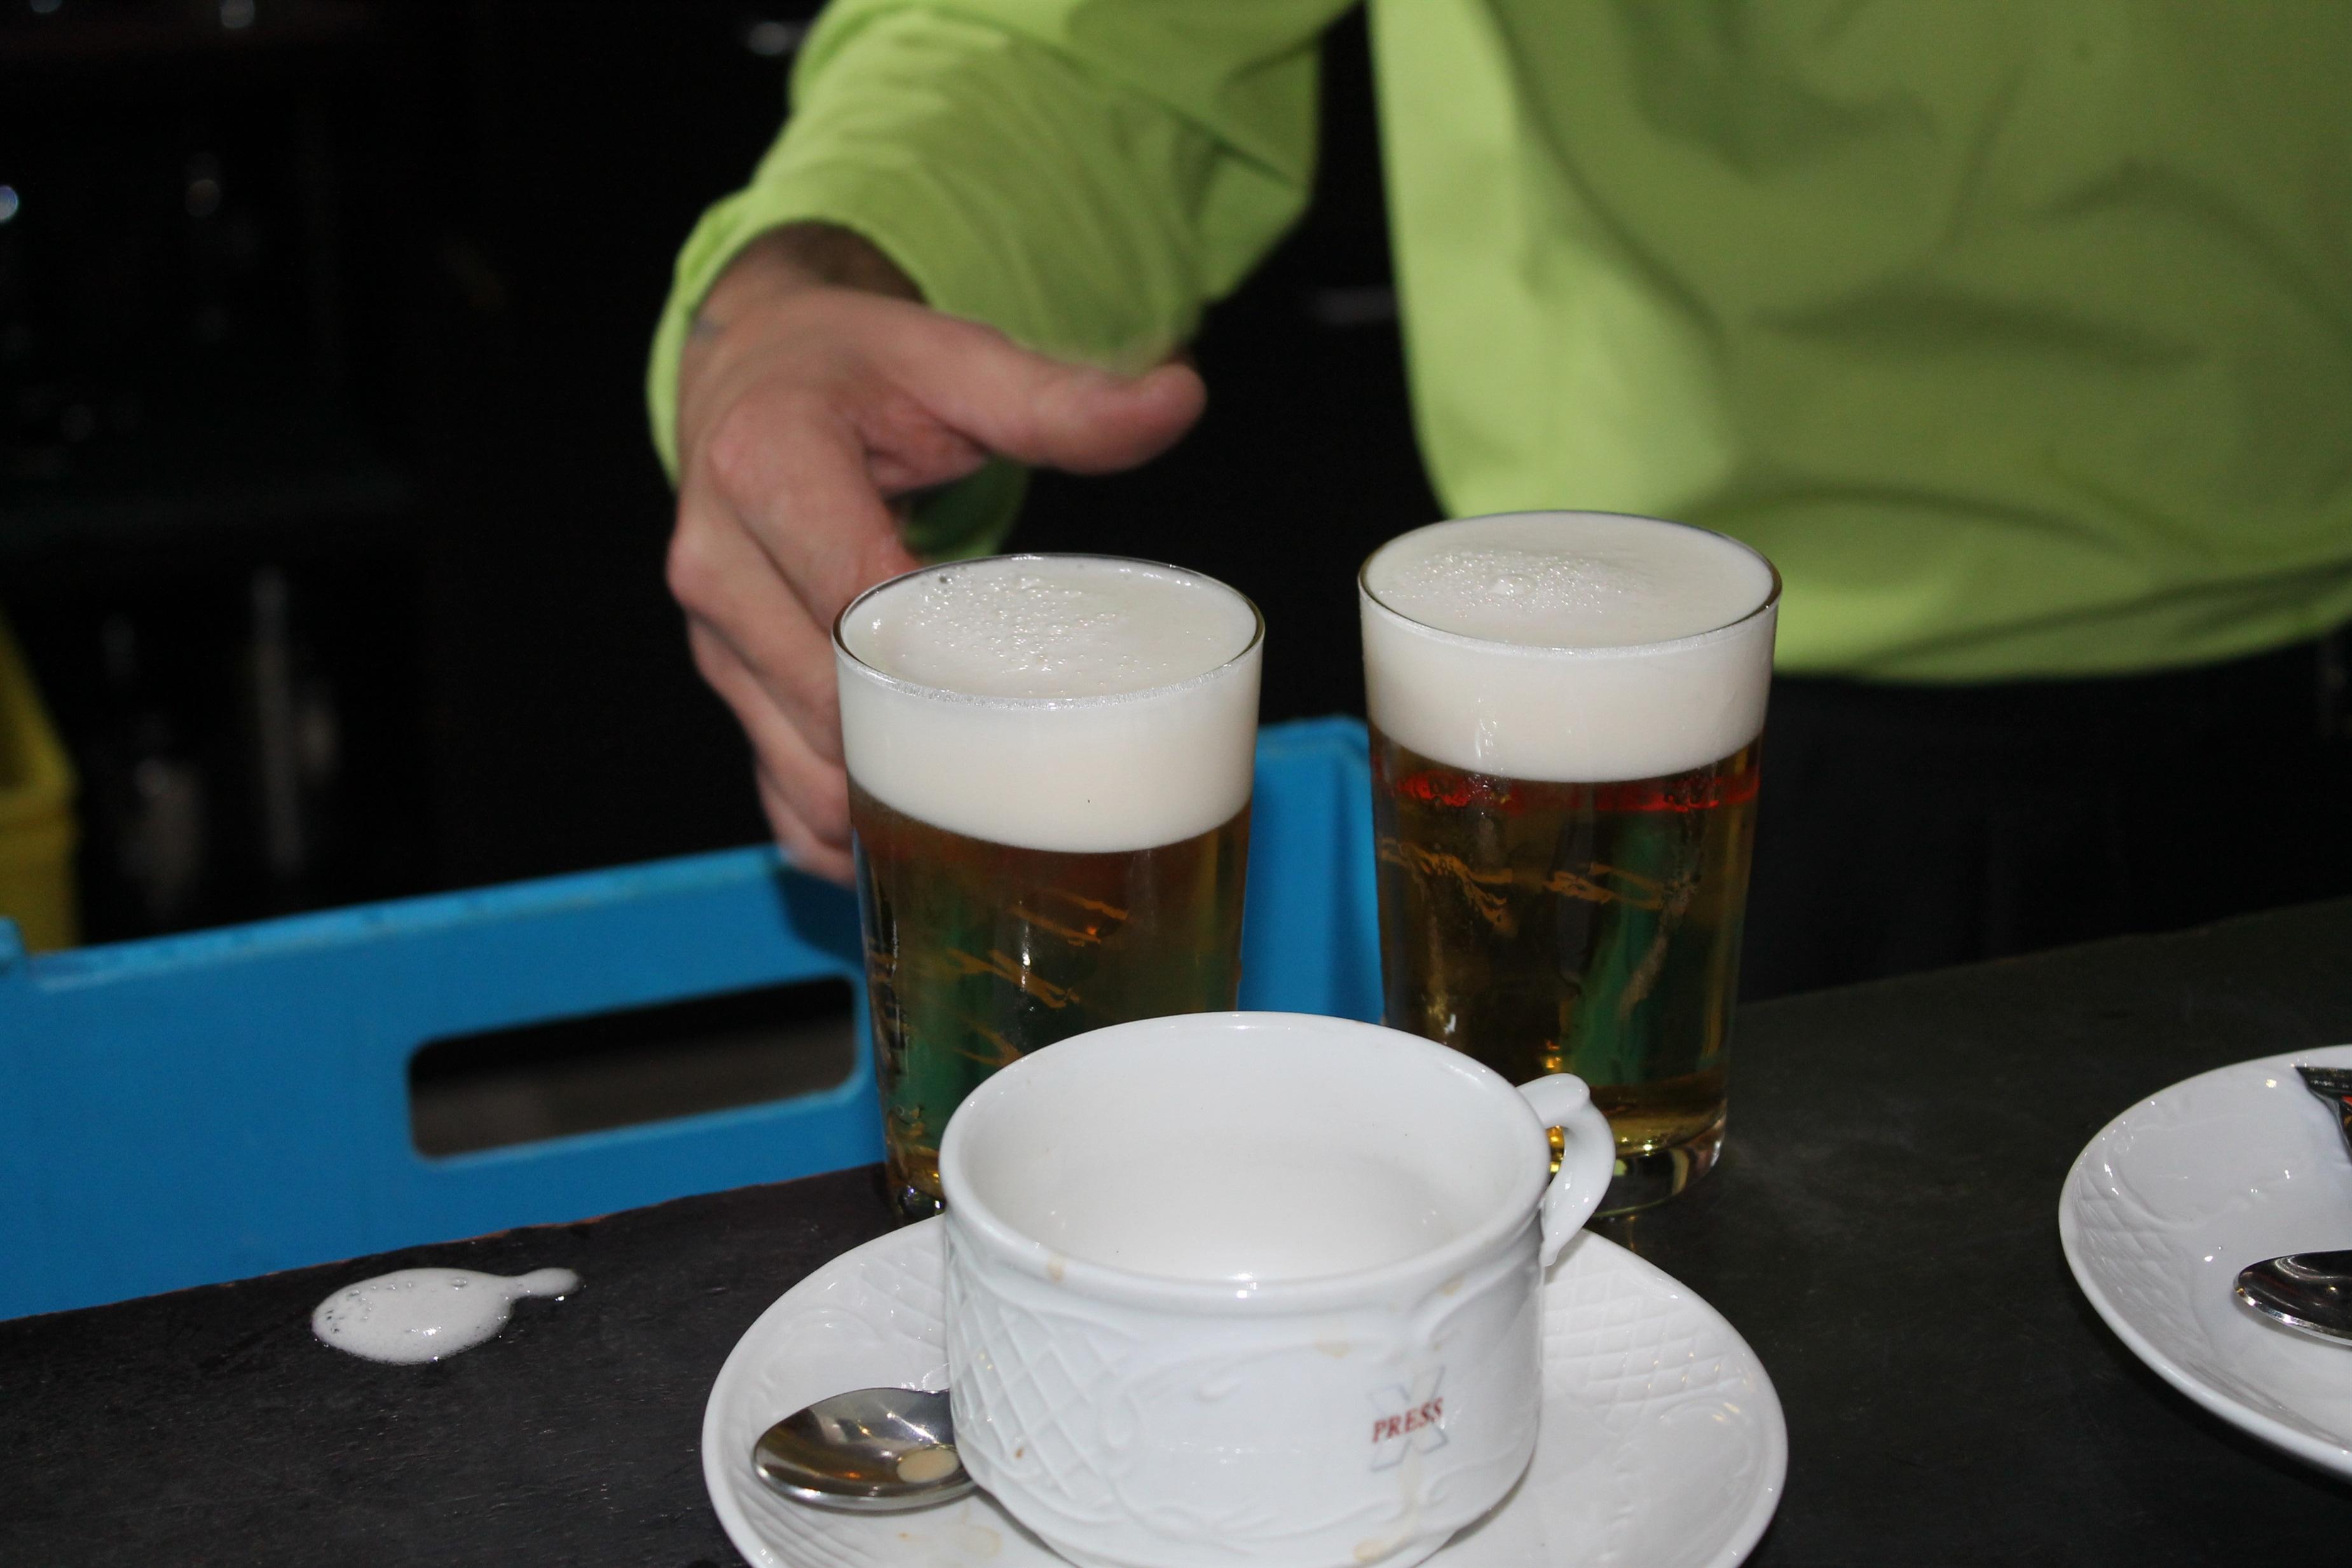 La Comisión Europea autoriza la comercialización del primer fármaco para reducir el consumo de alcohol